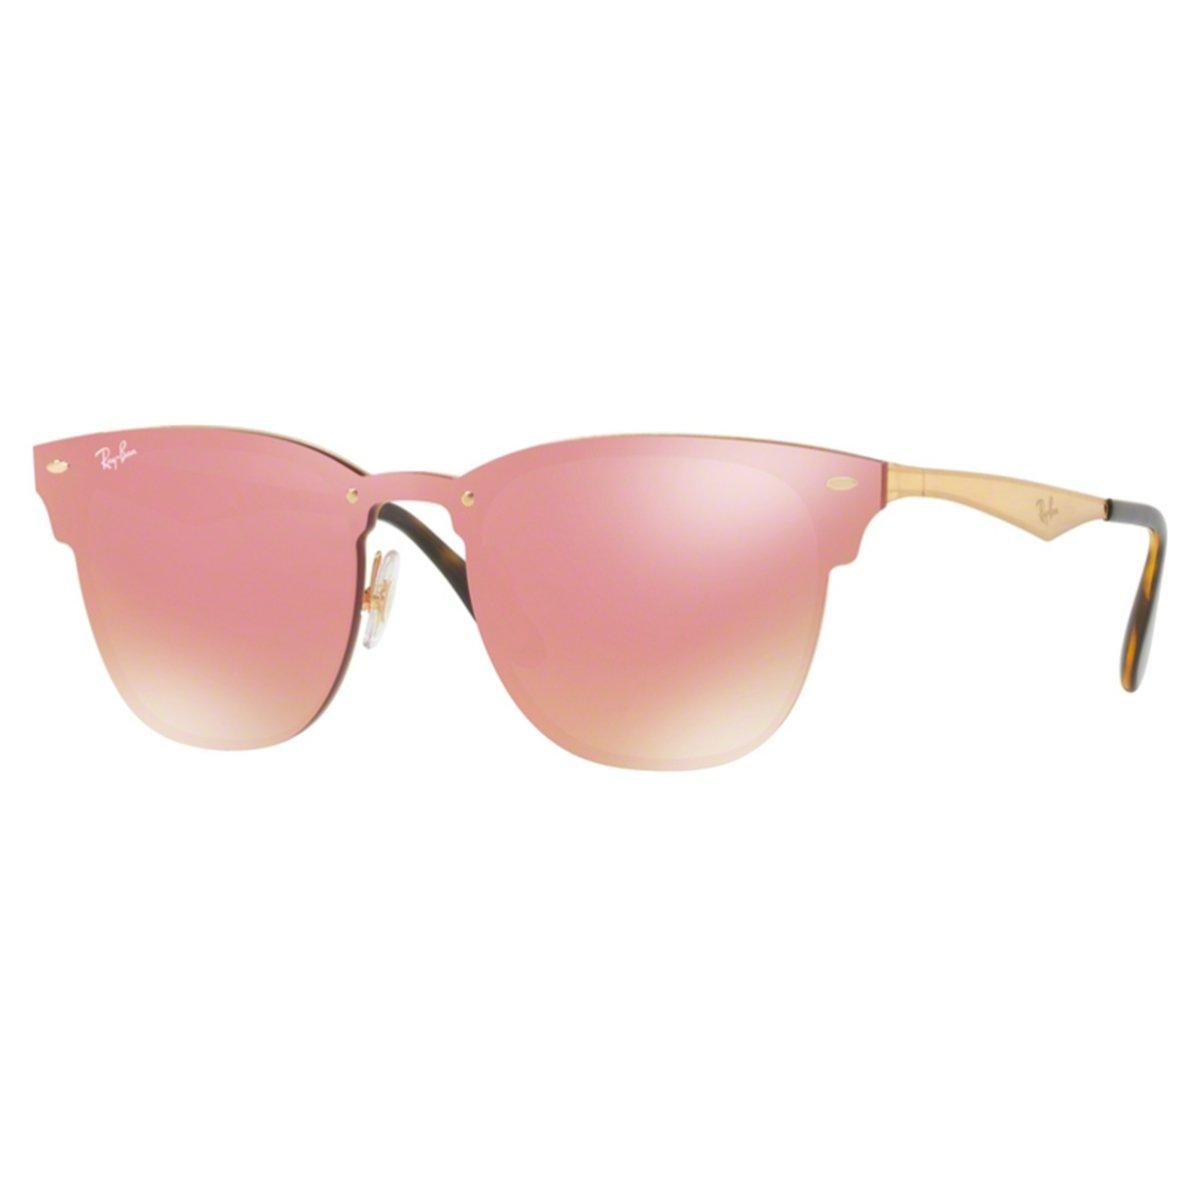 8e53ddc90 Compre Óculos de Sol Ray Ban Blaze Club Master em 10X | Tri-Jóia Shop